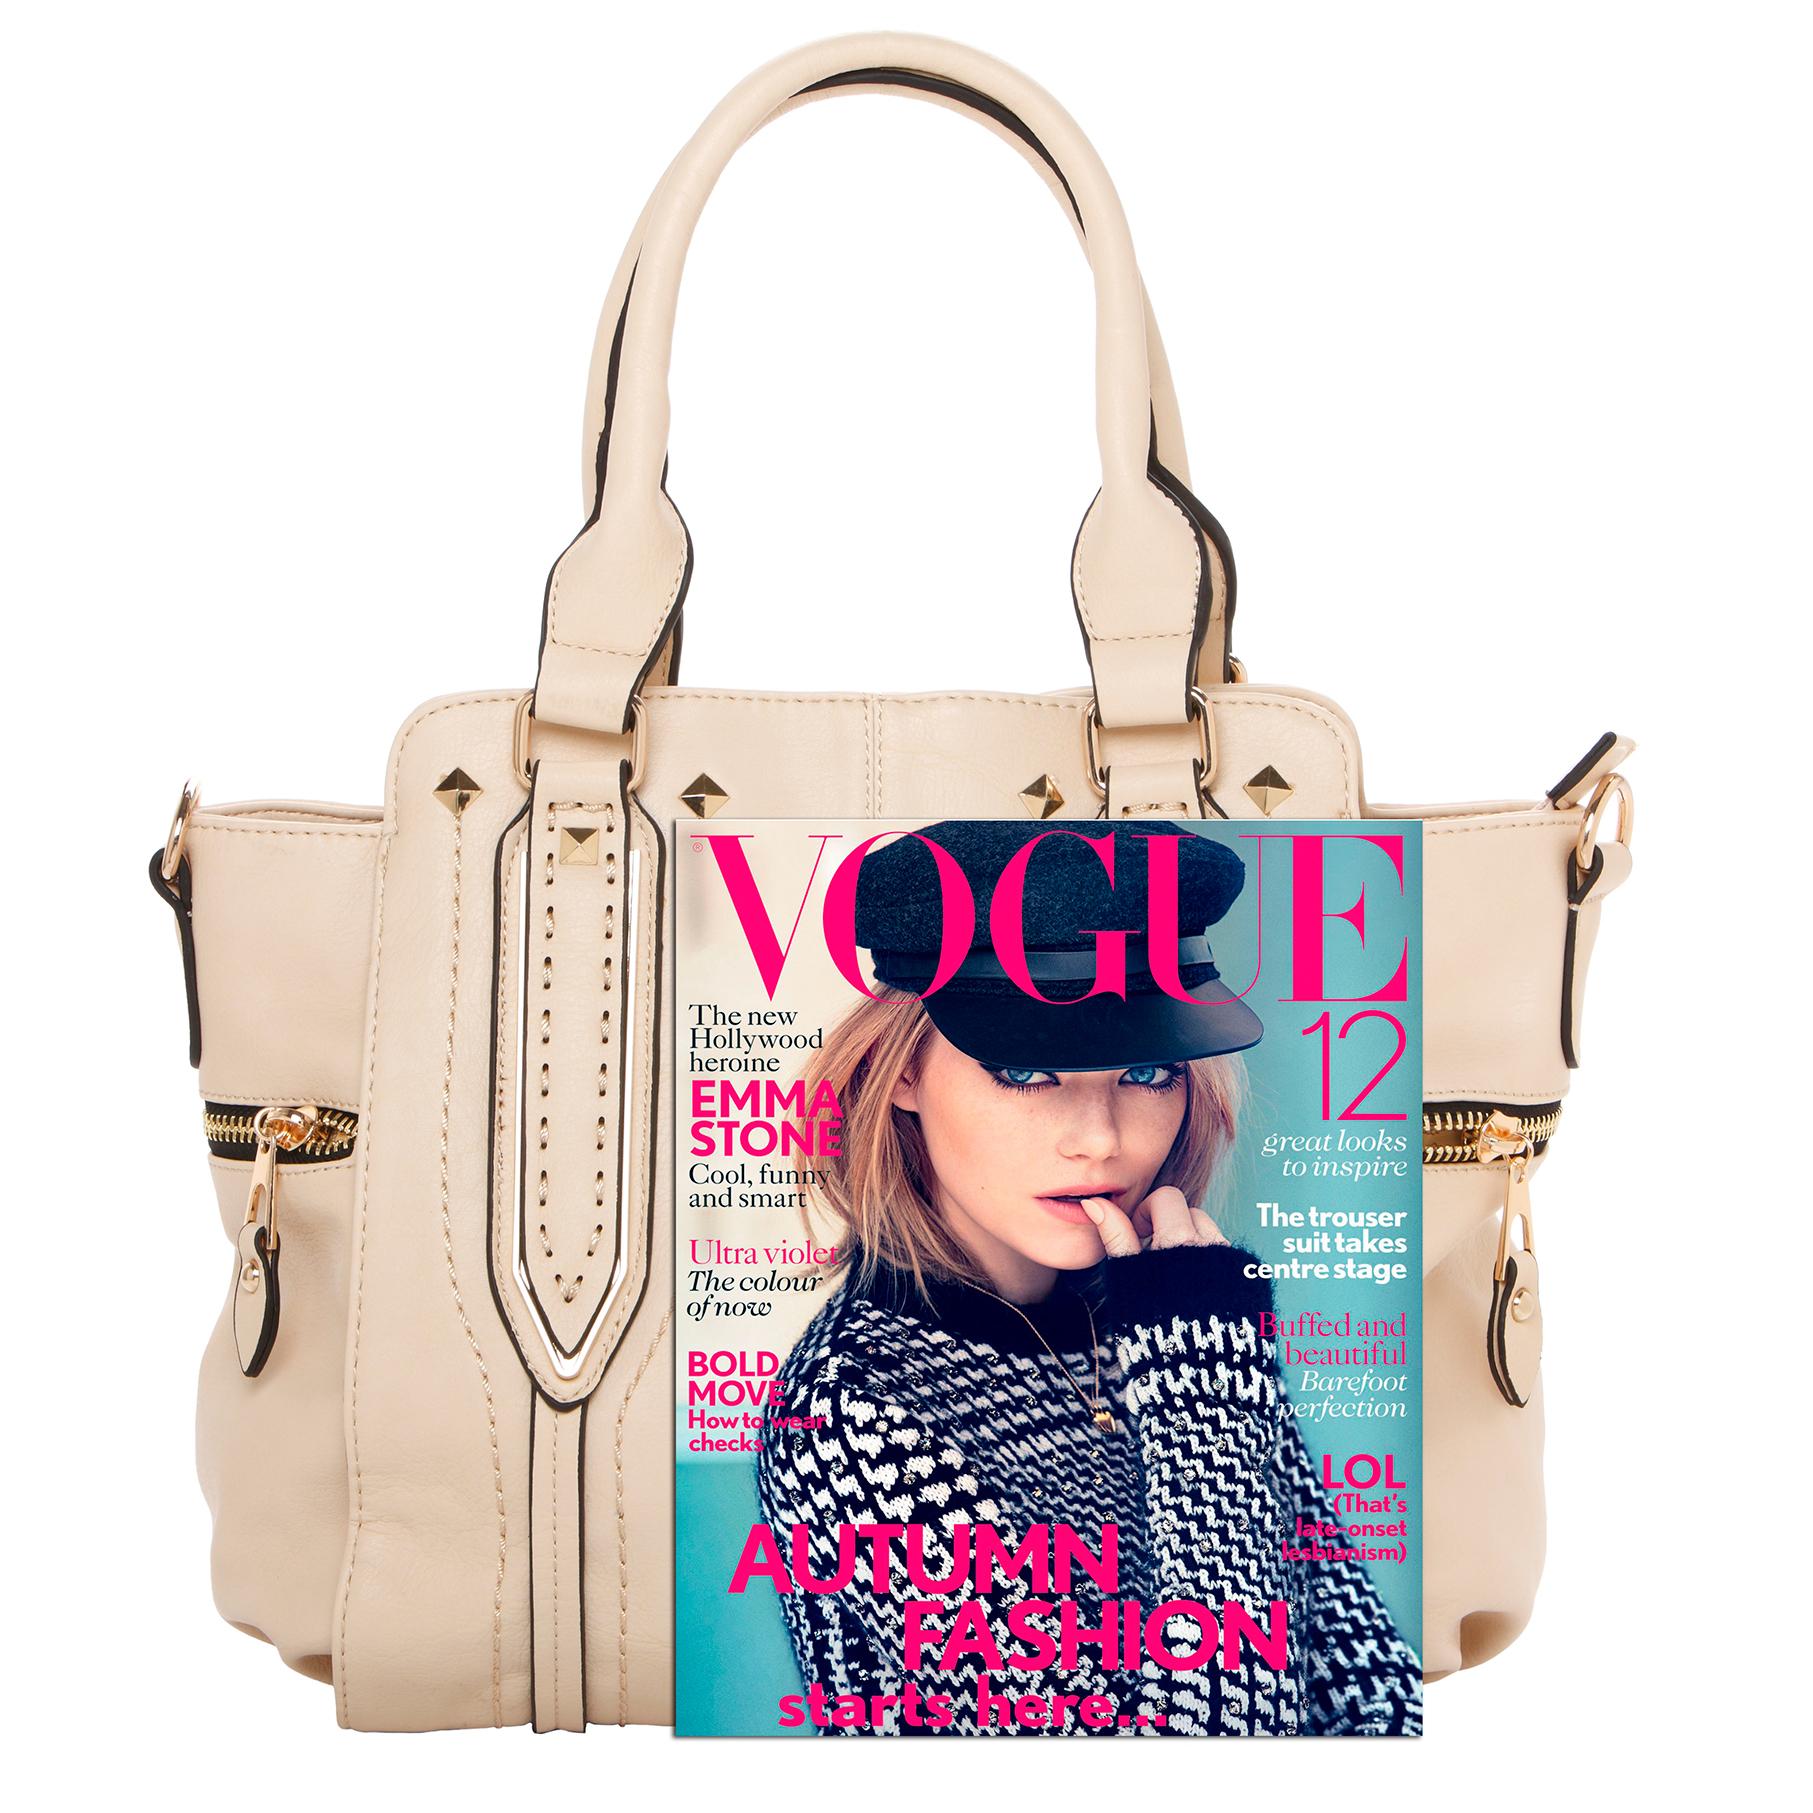 NORI Beige Top Handle Office Tote Style Satchel Handbag size